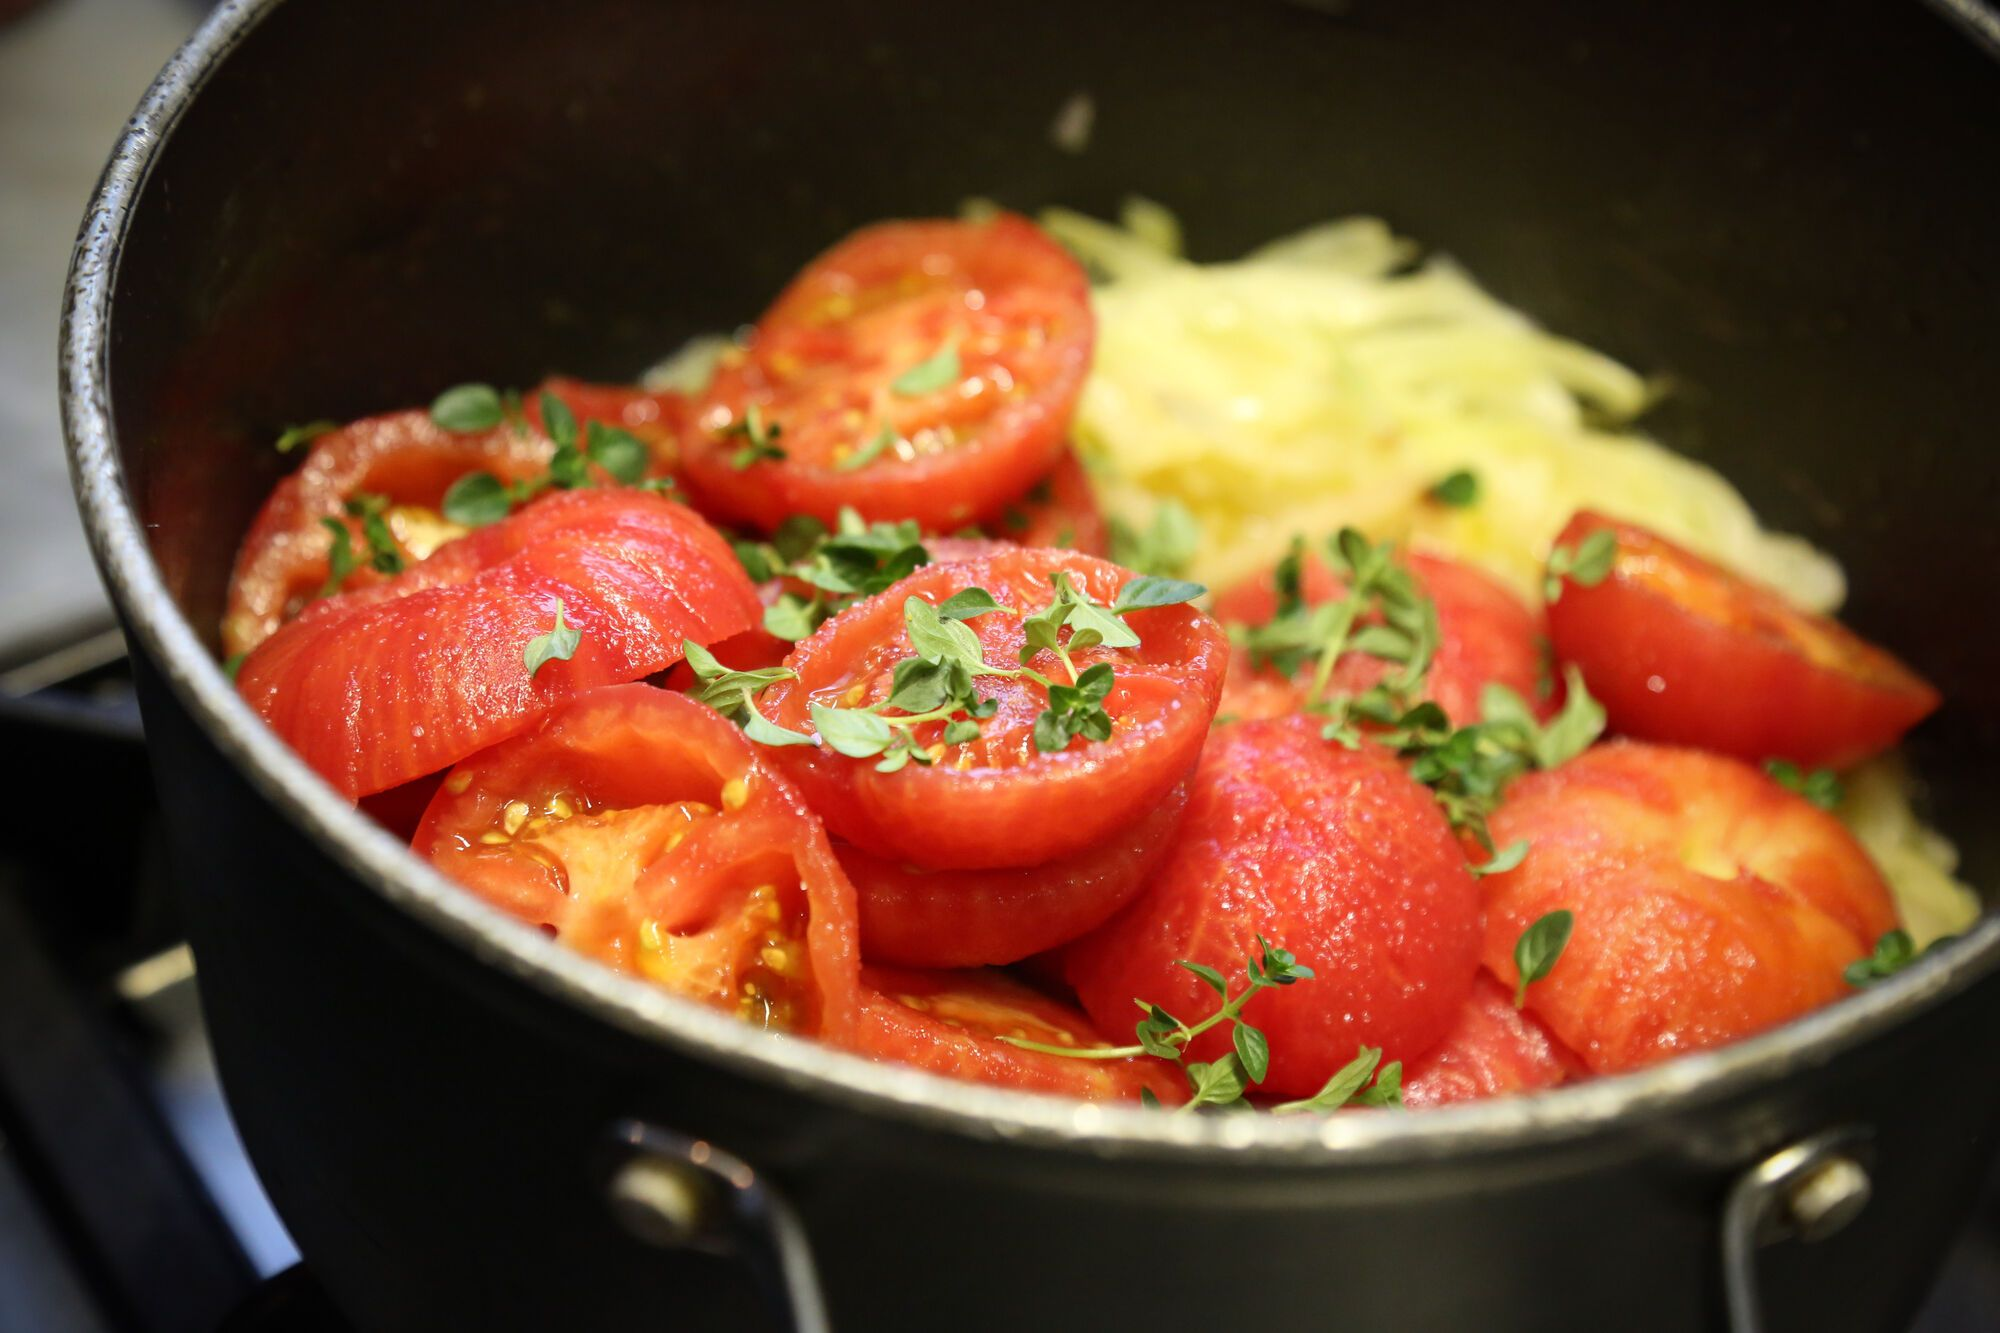 מביאים לרתיחה איטית וממשיכים לבשל עד שהעגבניות מתחילות להתרכך